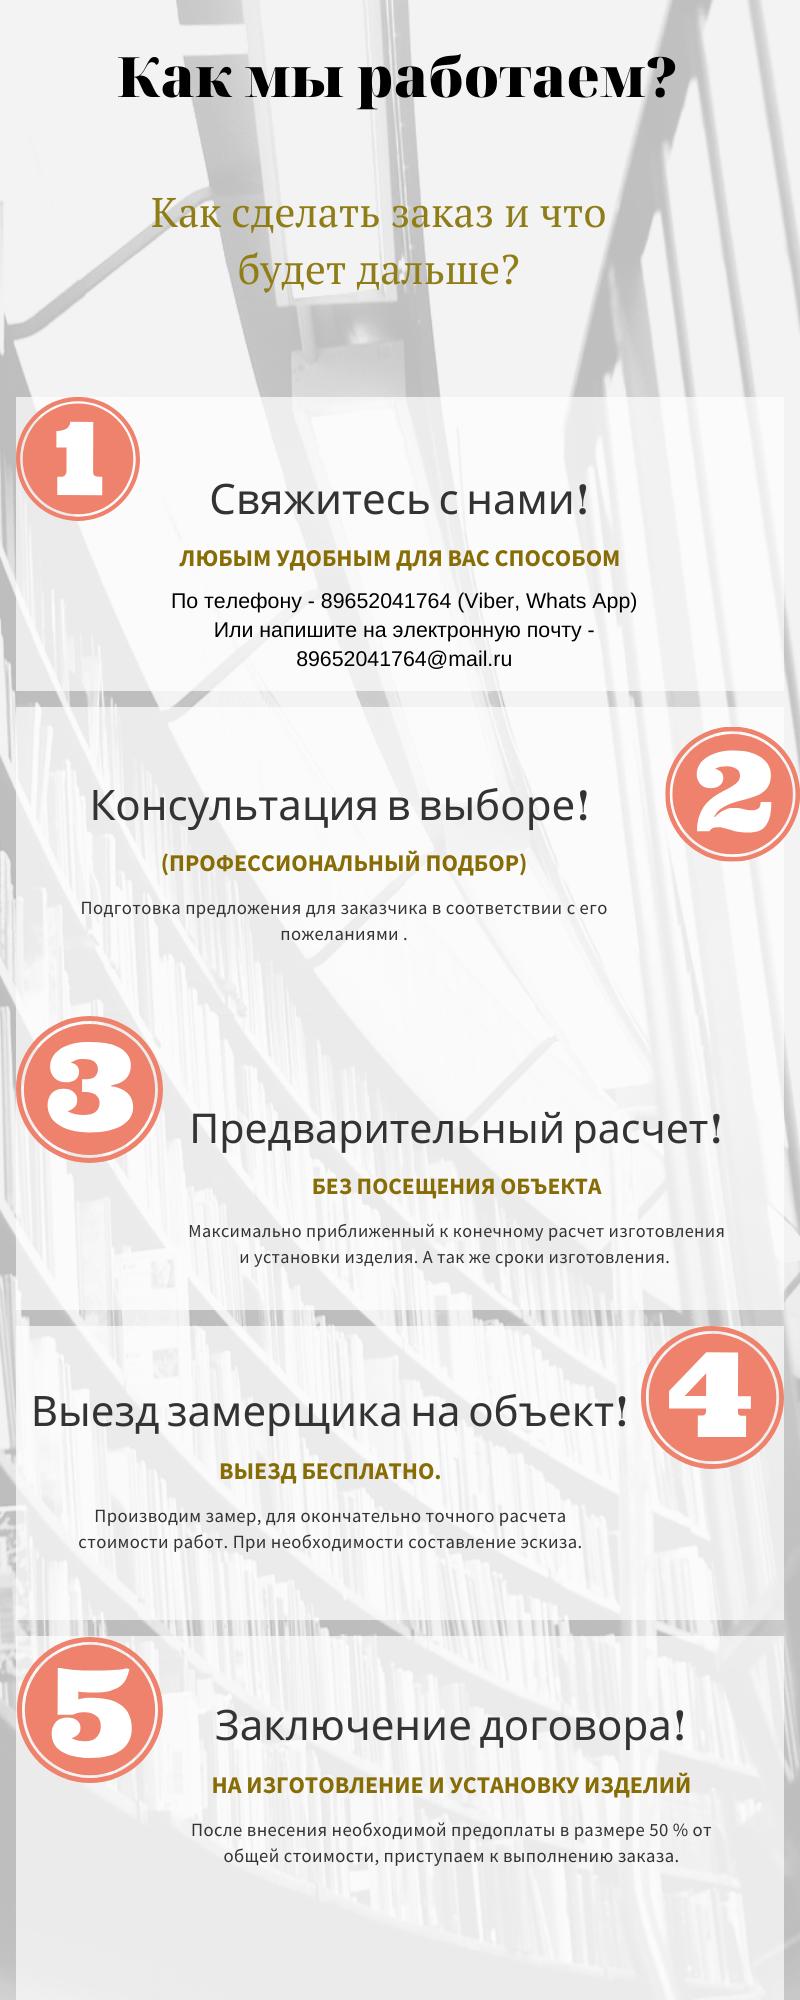 Как мы работаем_Инфографика